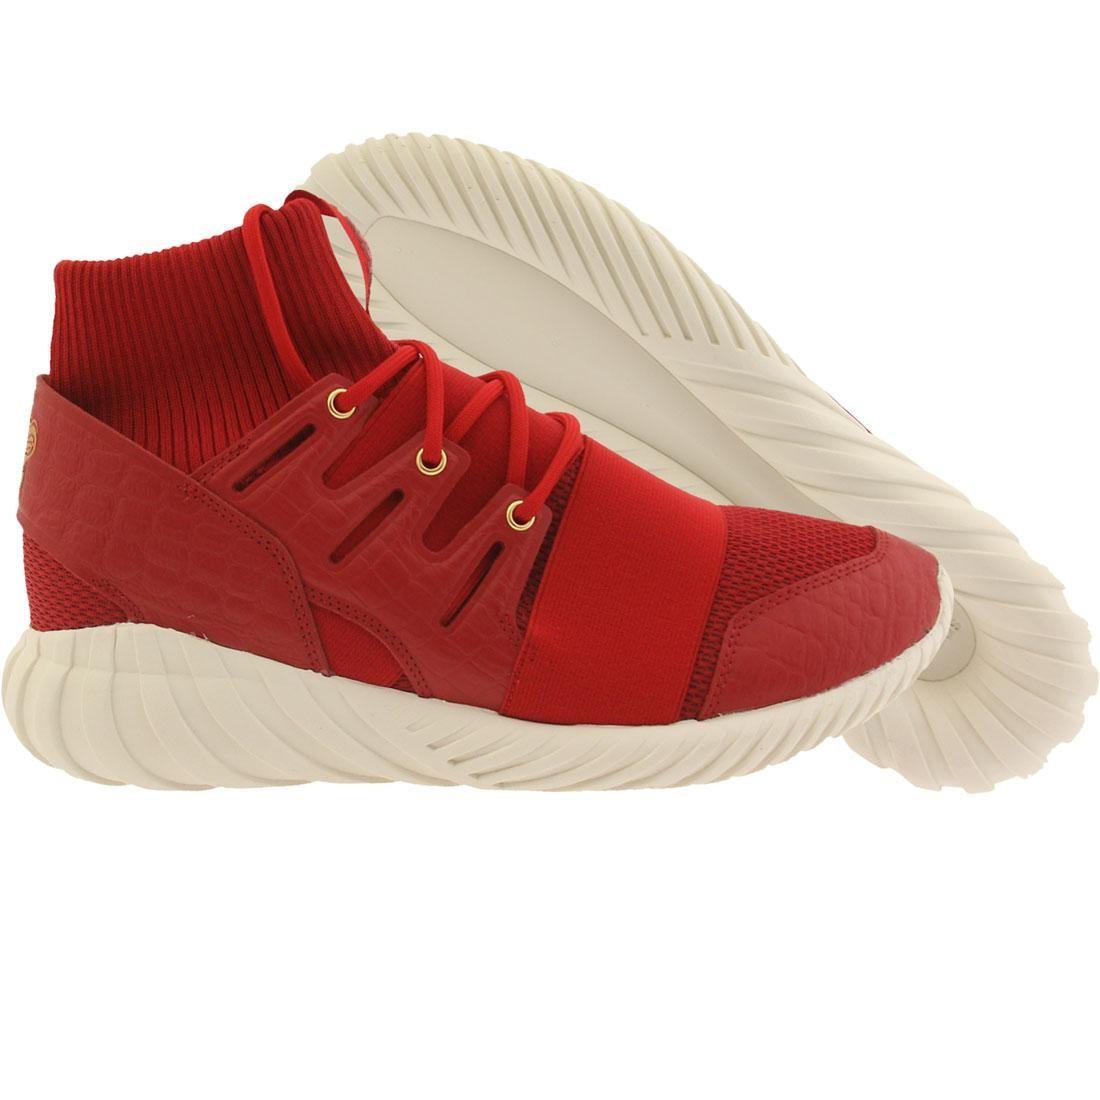 【海外限定】アディダス パワー 赤 レッド メンズ靴 靴 【 ADIDAS POWER RED MEN TUBULAR DOOM CNY GOLD METALLIC 】